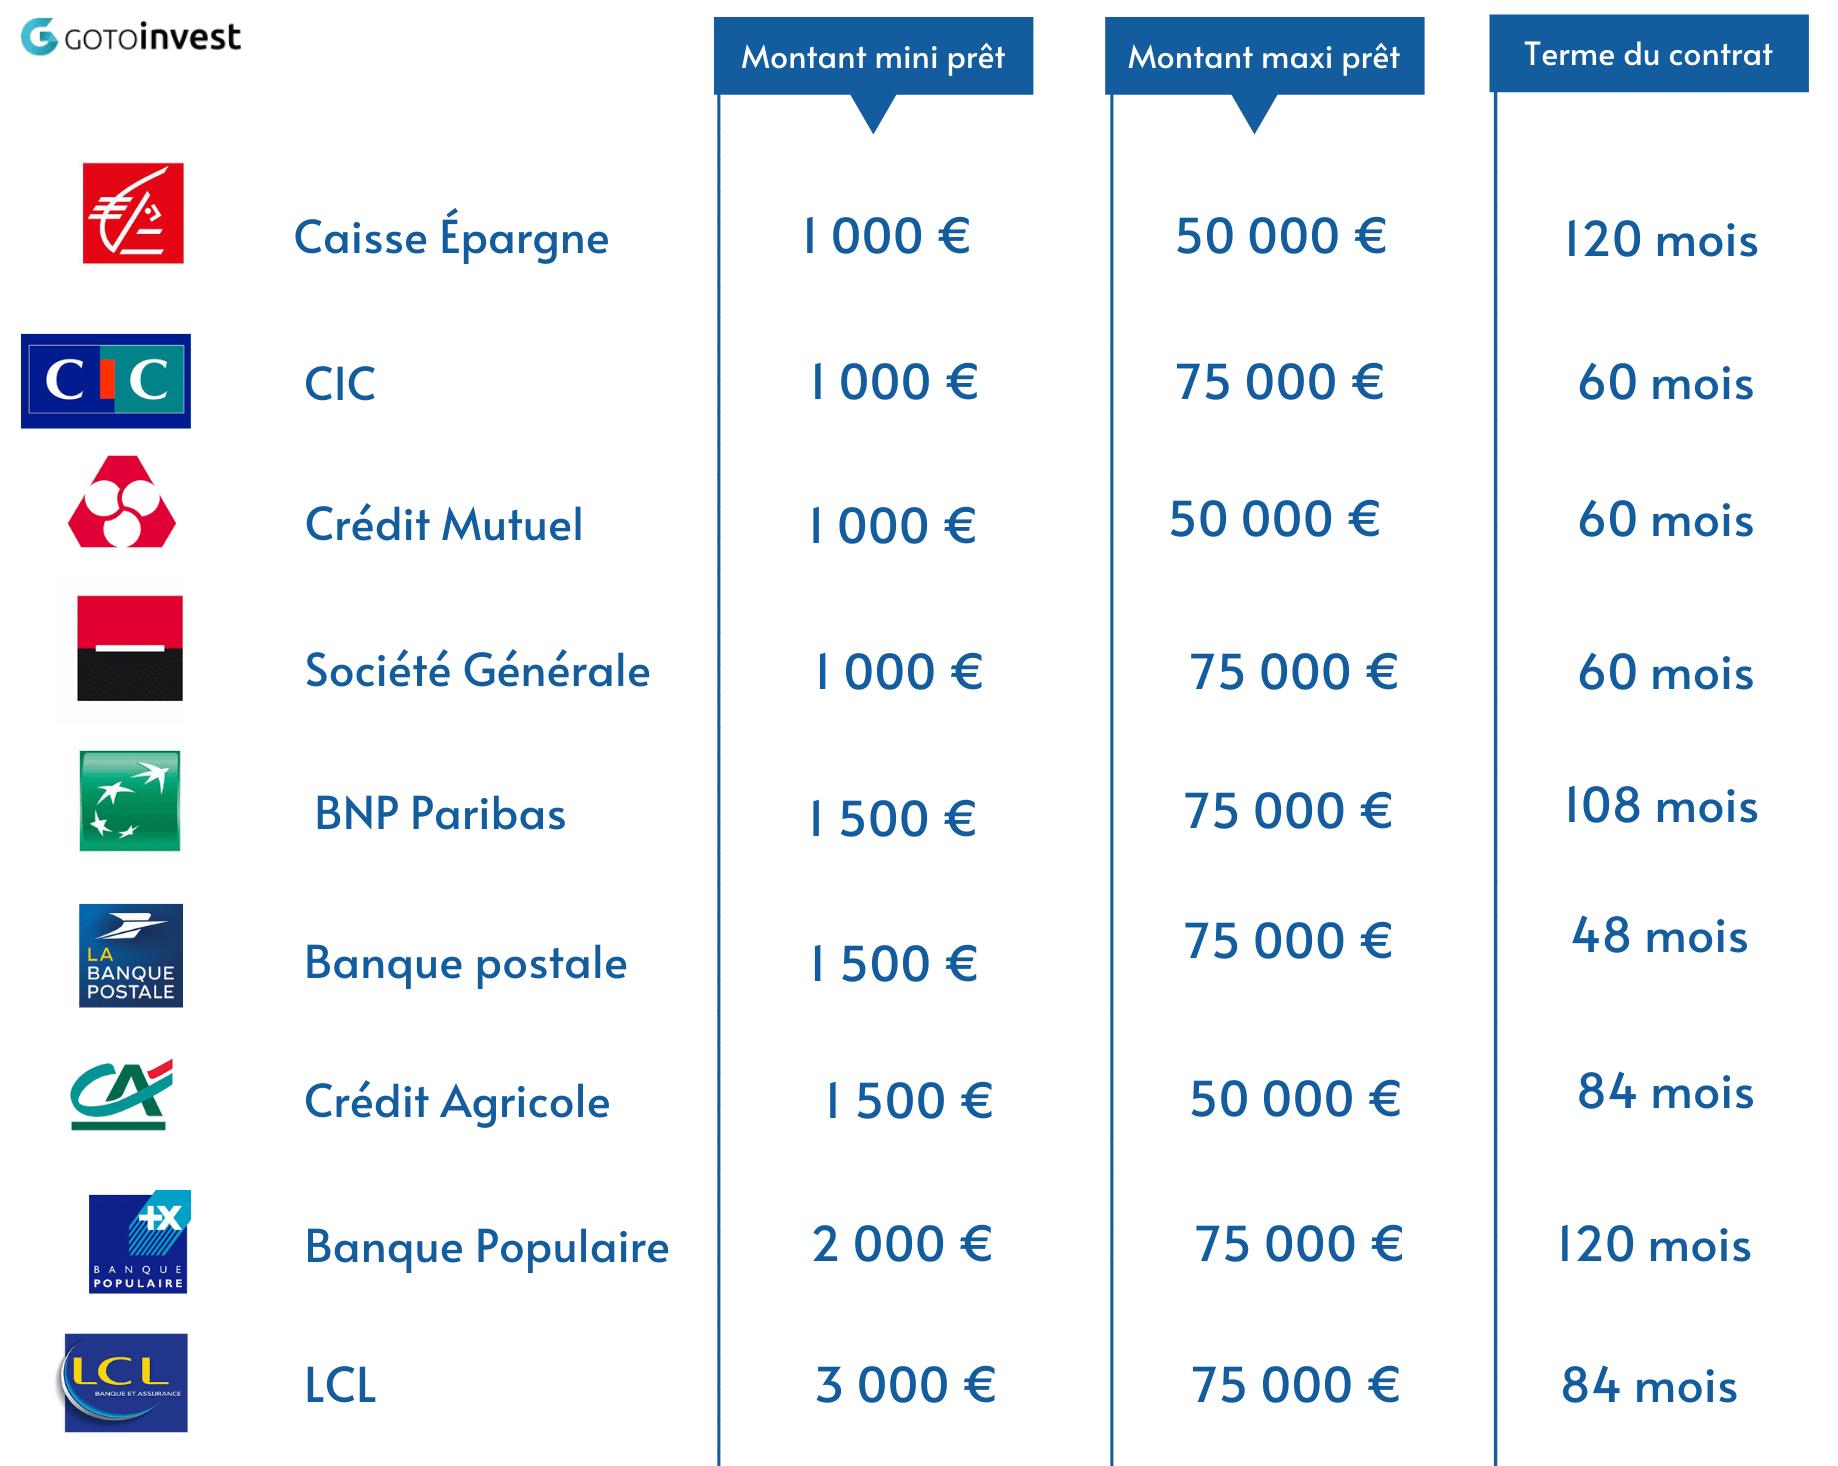 Tableau récapitulatif des offres de crédit conso des banques traditionnelles